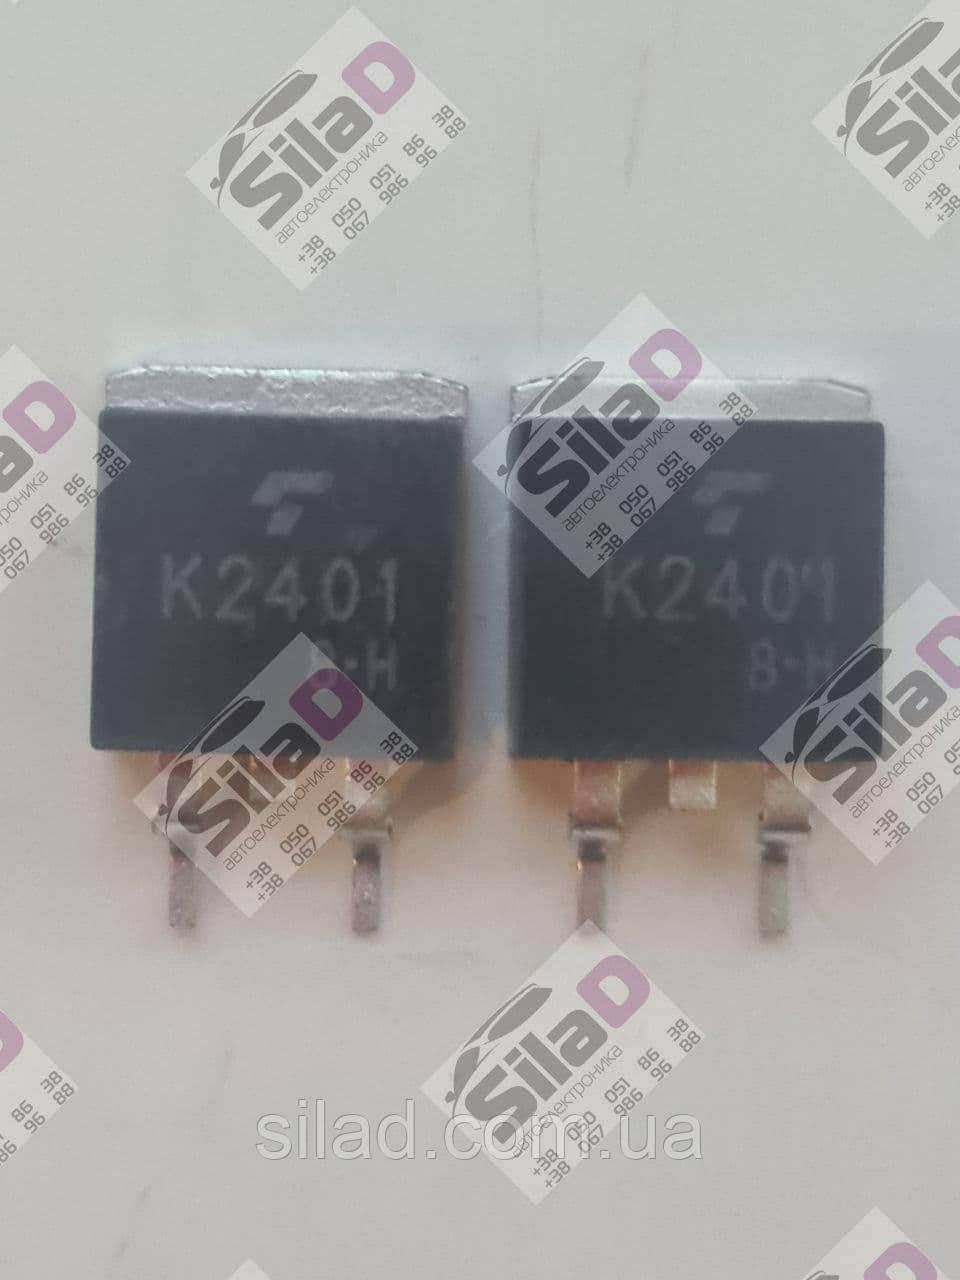 Транзистор 2SK2401 K2401 Toshiba корпус TO-263